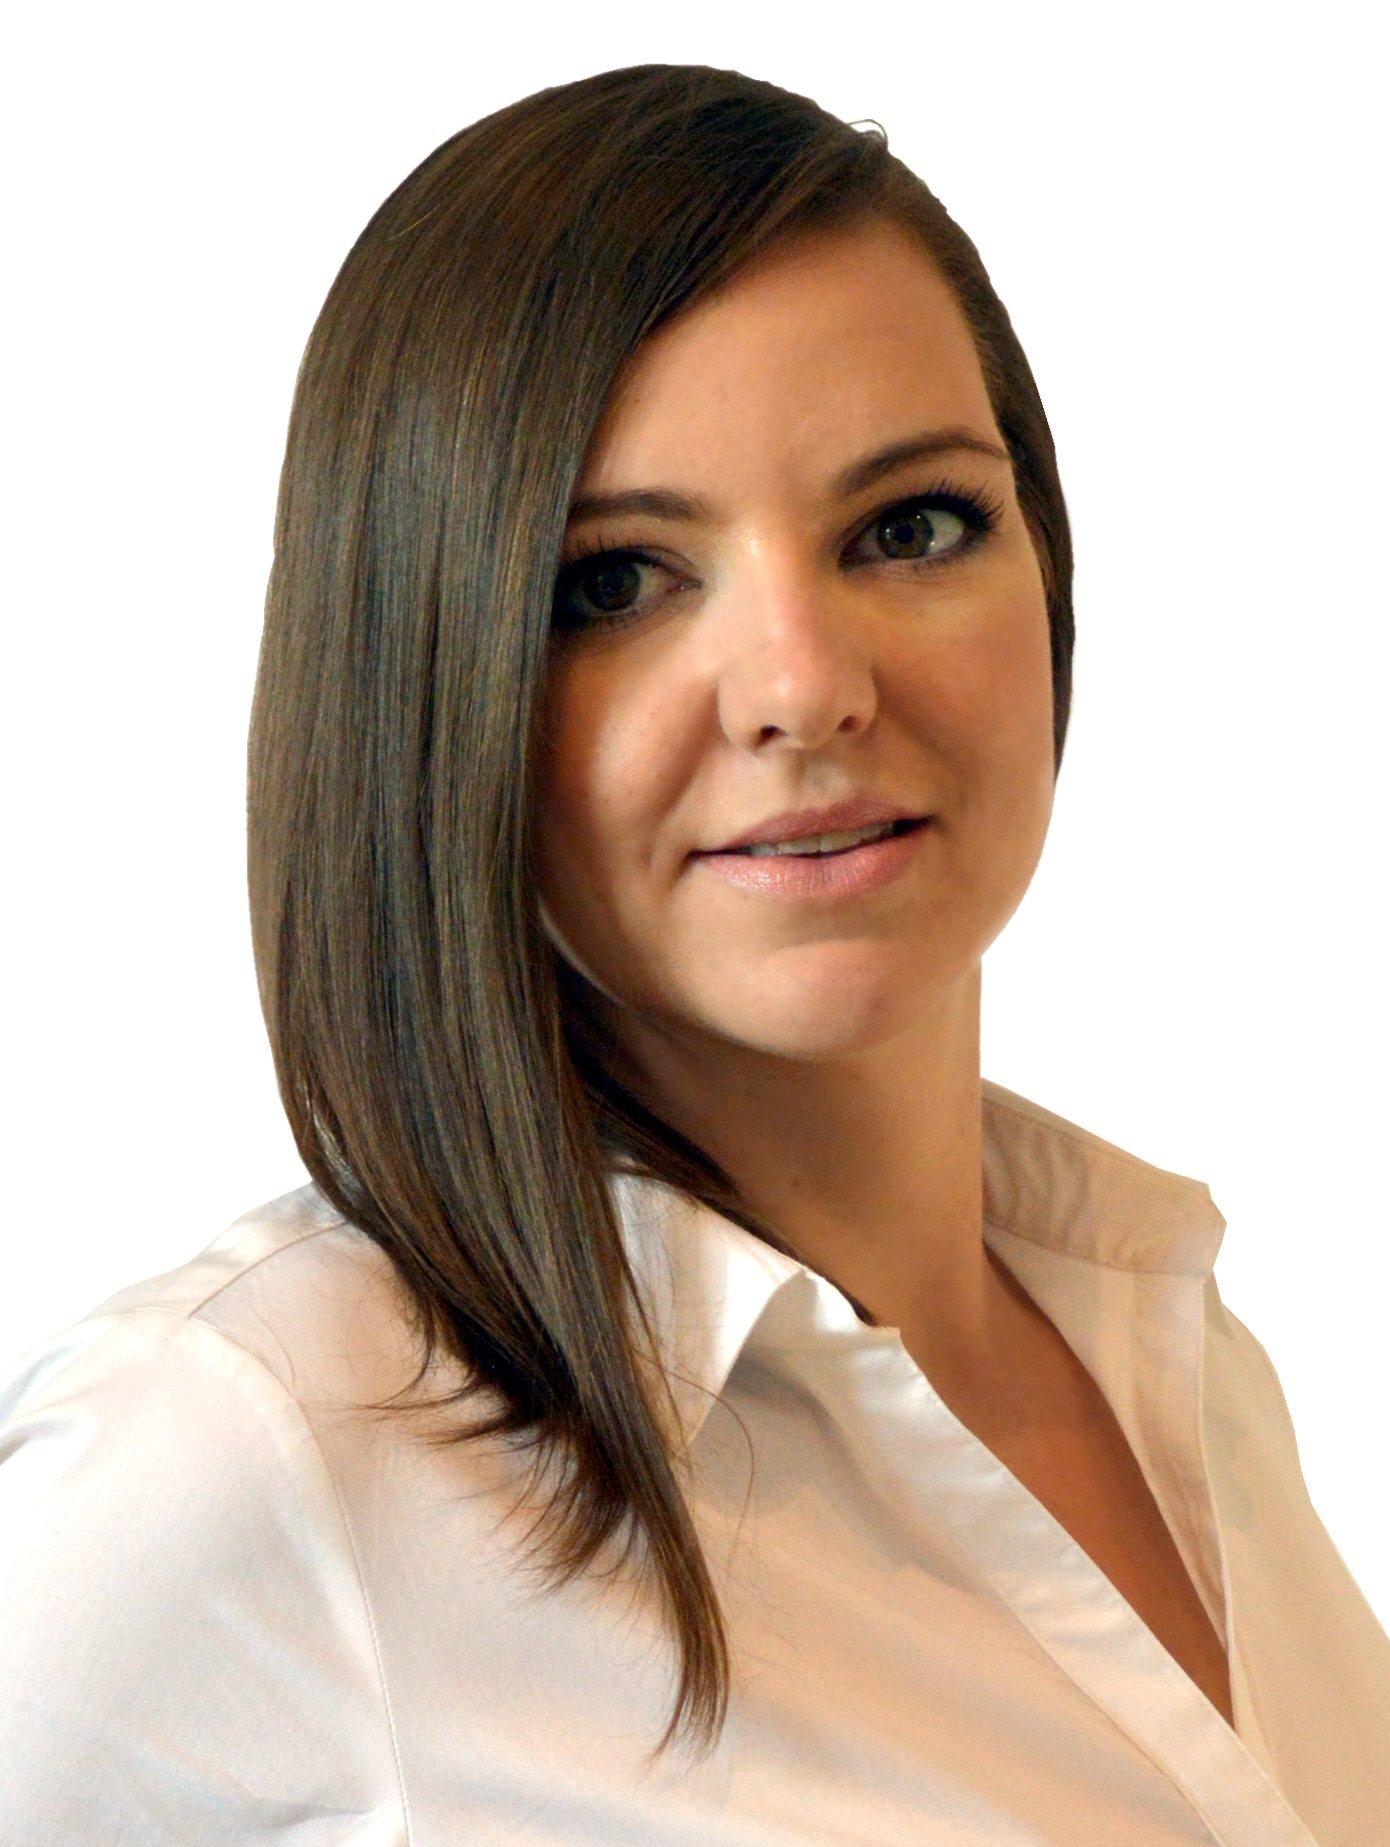 Katarzyna Bycz